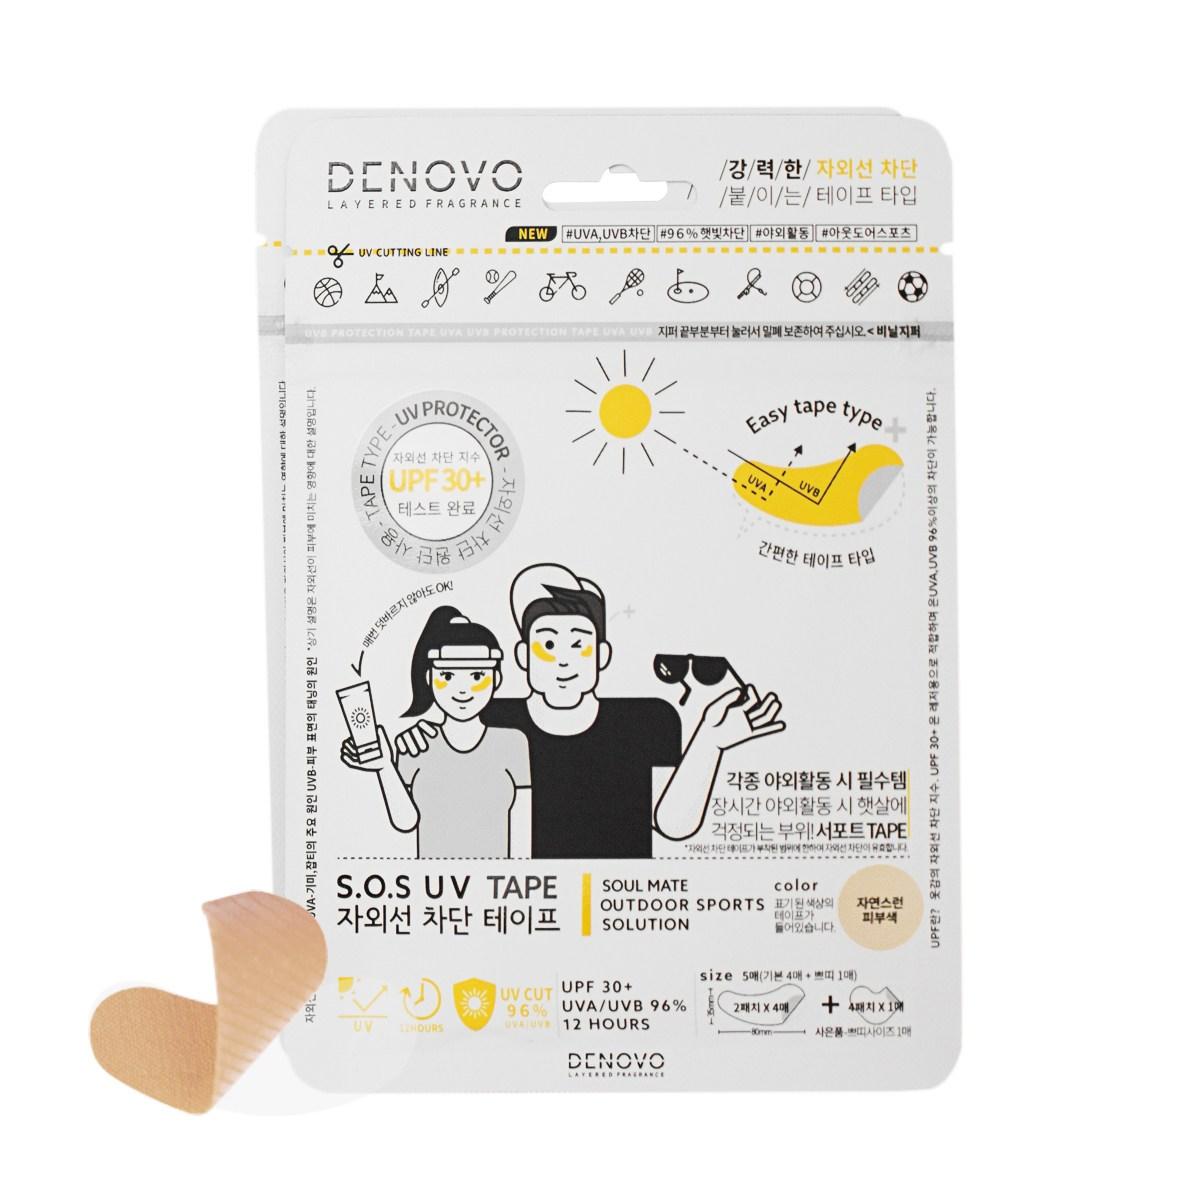 디노보 2+1 골프시즌 눈밑 햇빛 자외선 차단 테이프 (SOS UV TAPE), 3개, 자연스런 피부색